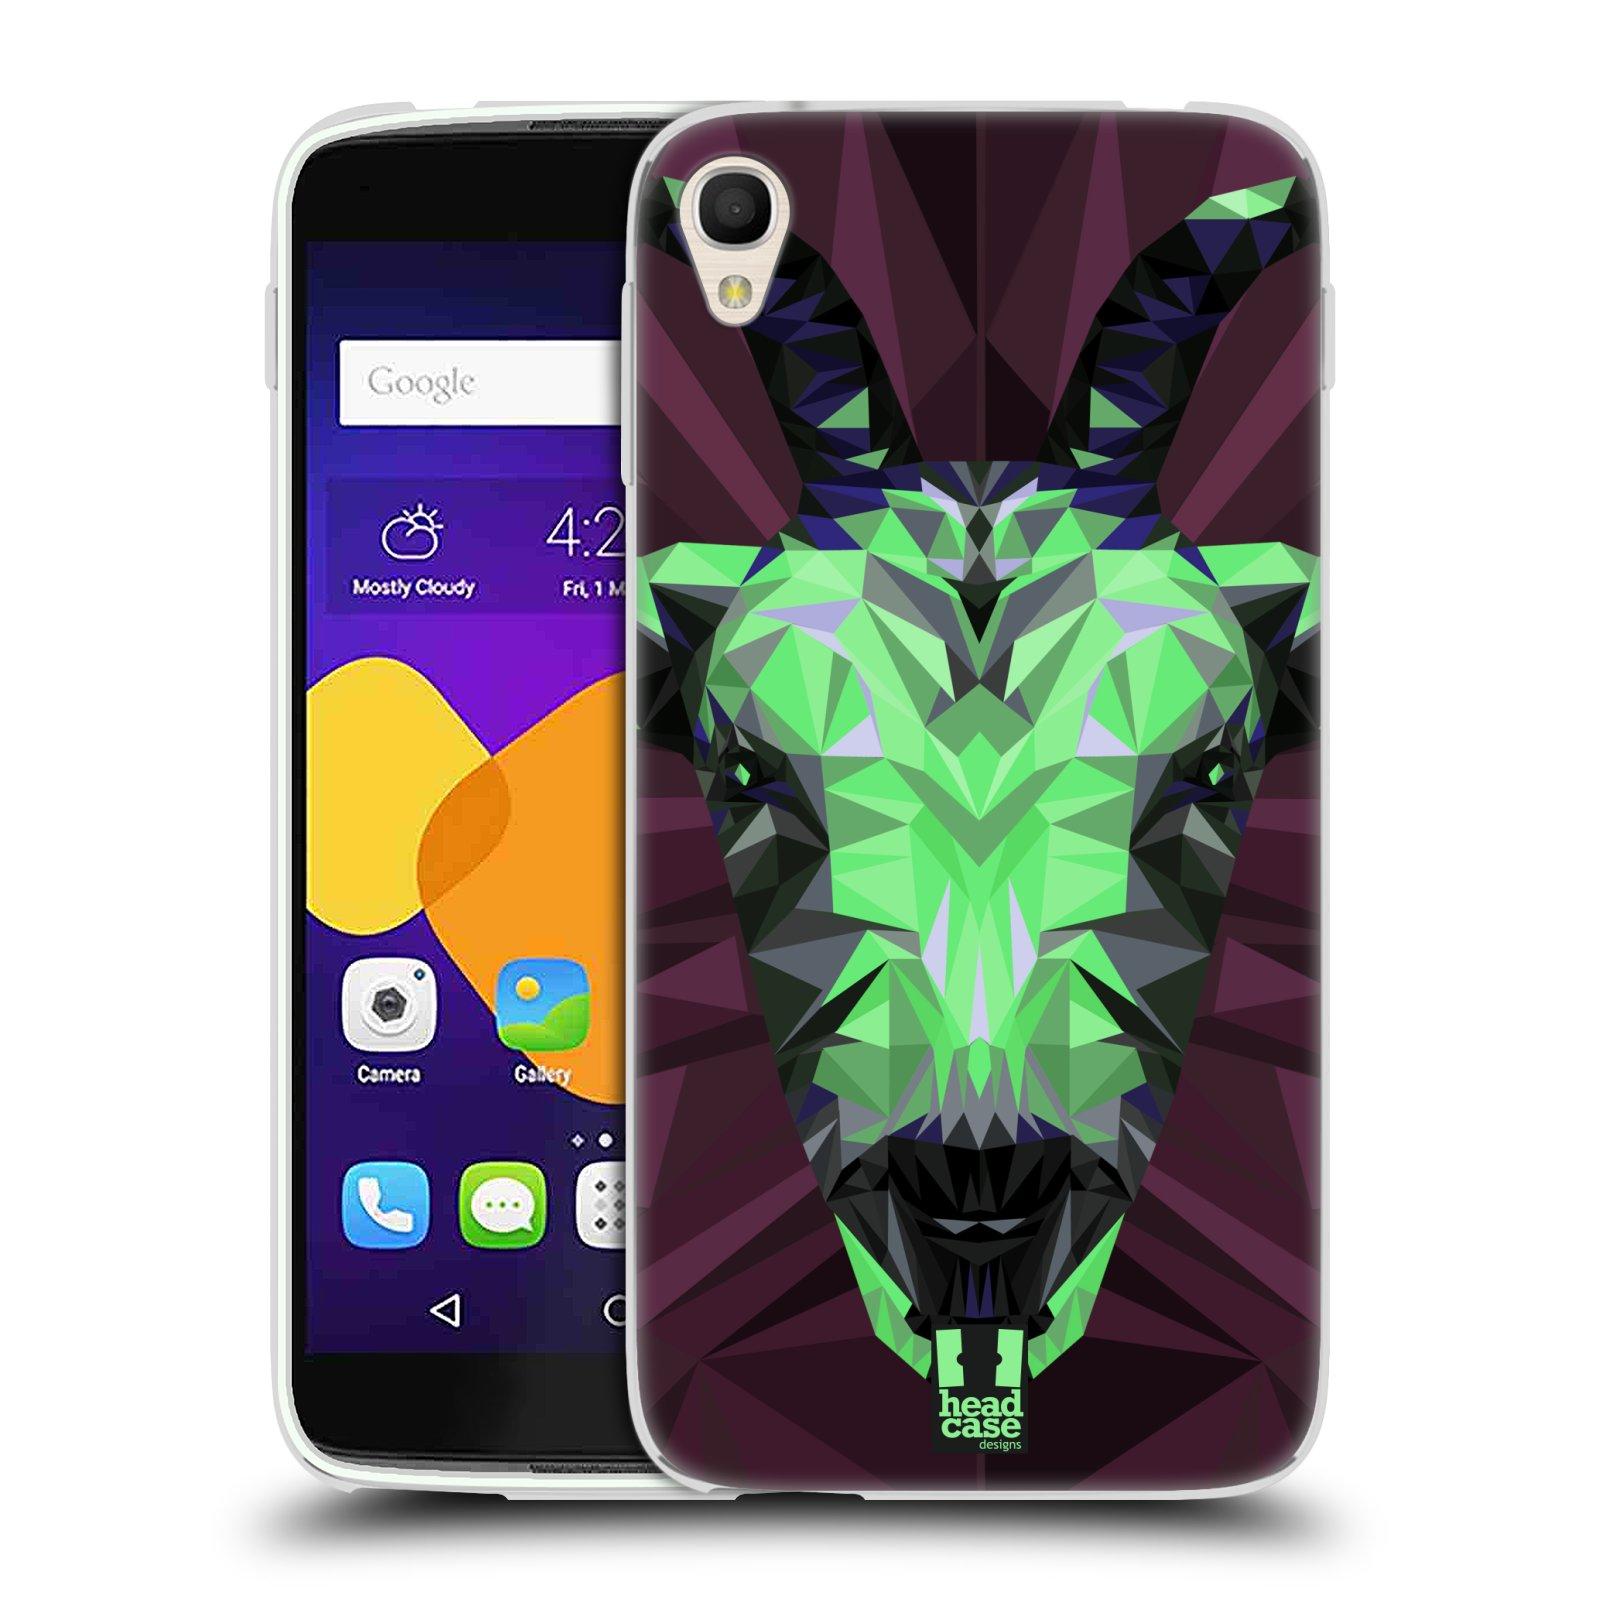 HEAD CASE silikonový obal na mobil Alcatel Idol 3 OT-6045Y (5.5) vzor Geometrická zvířata 2 kozel